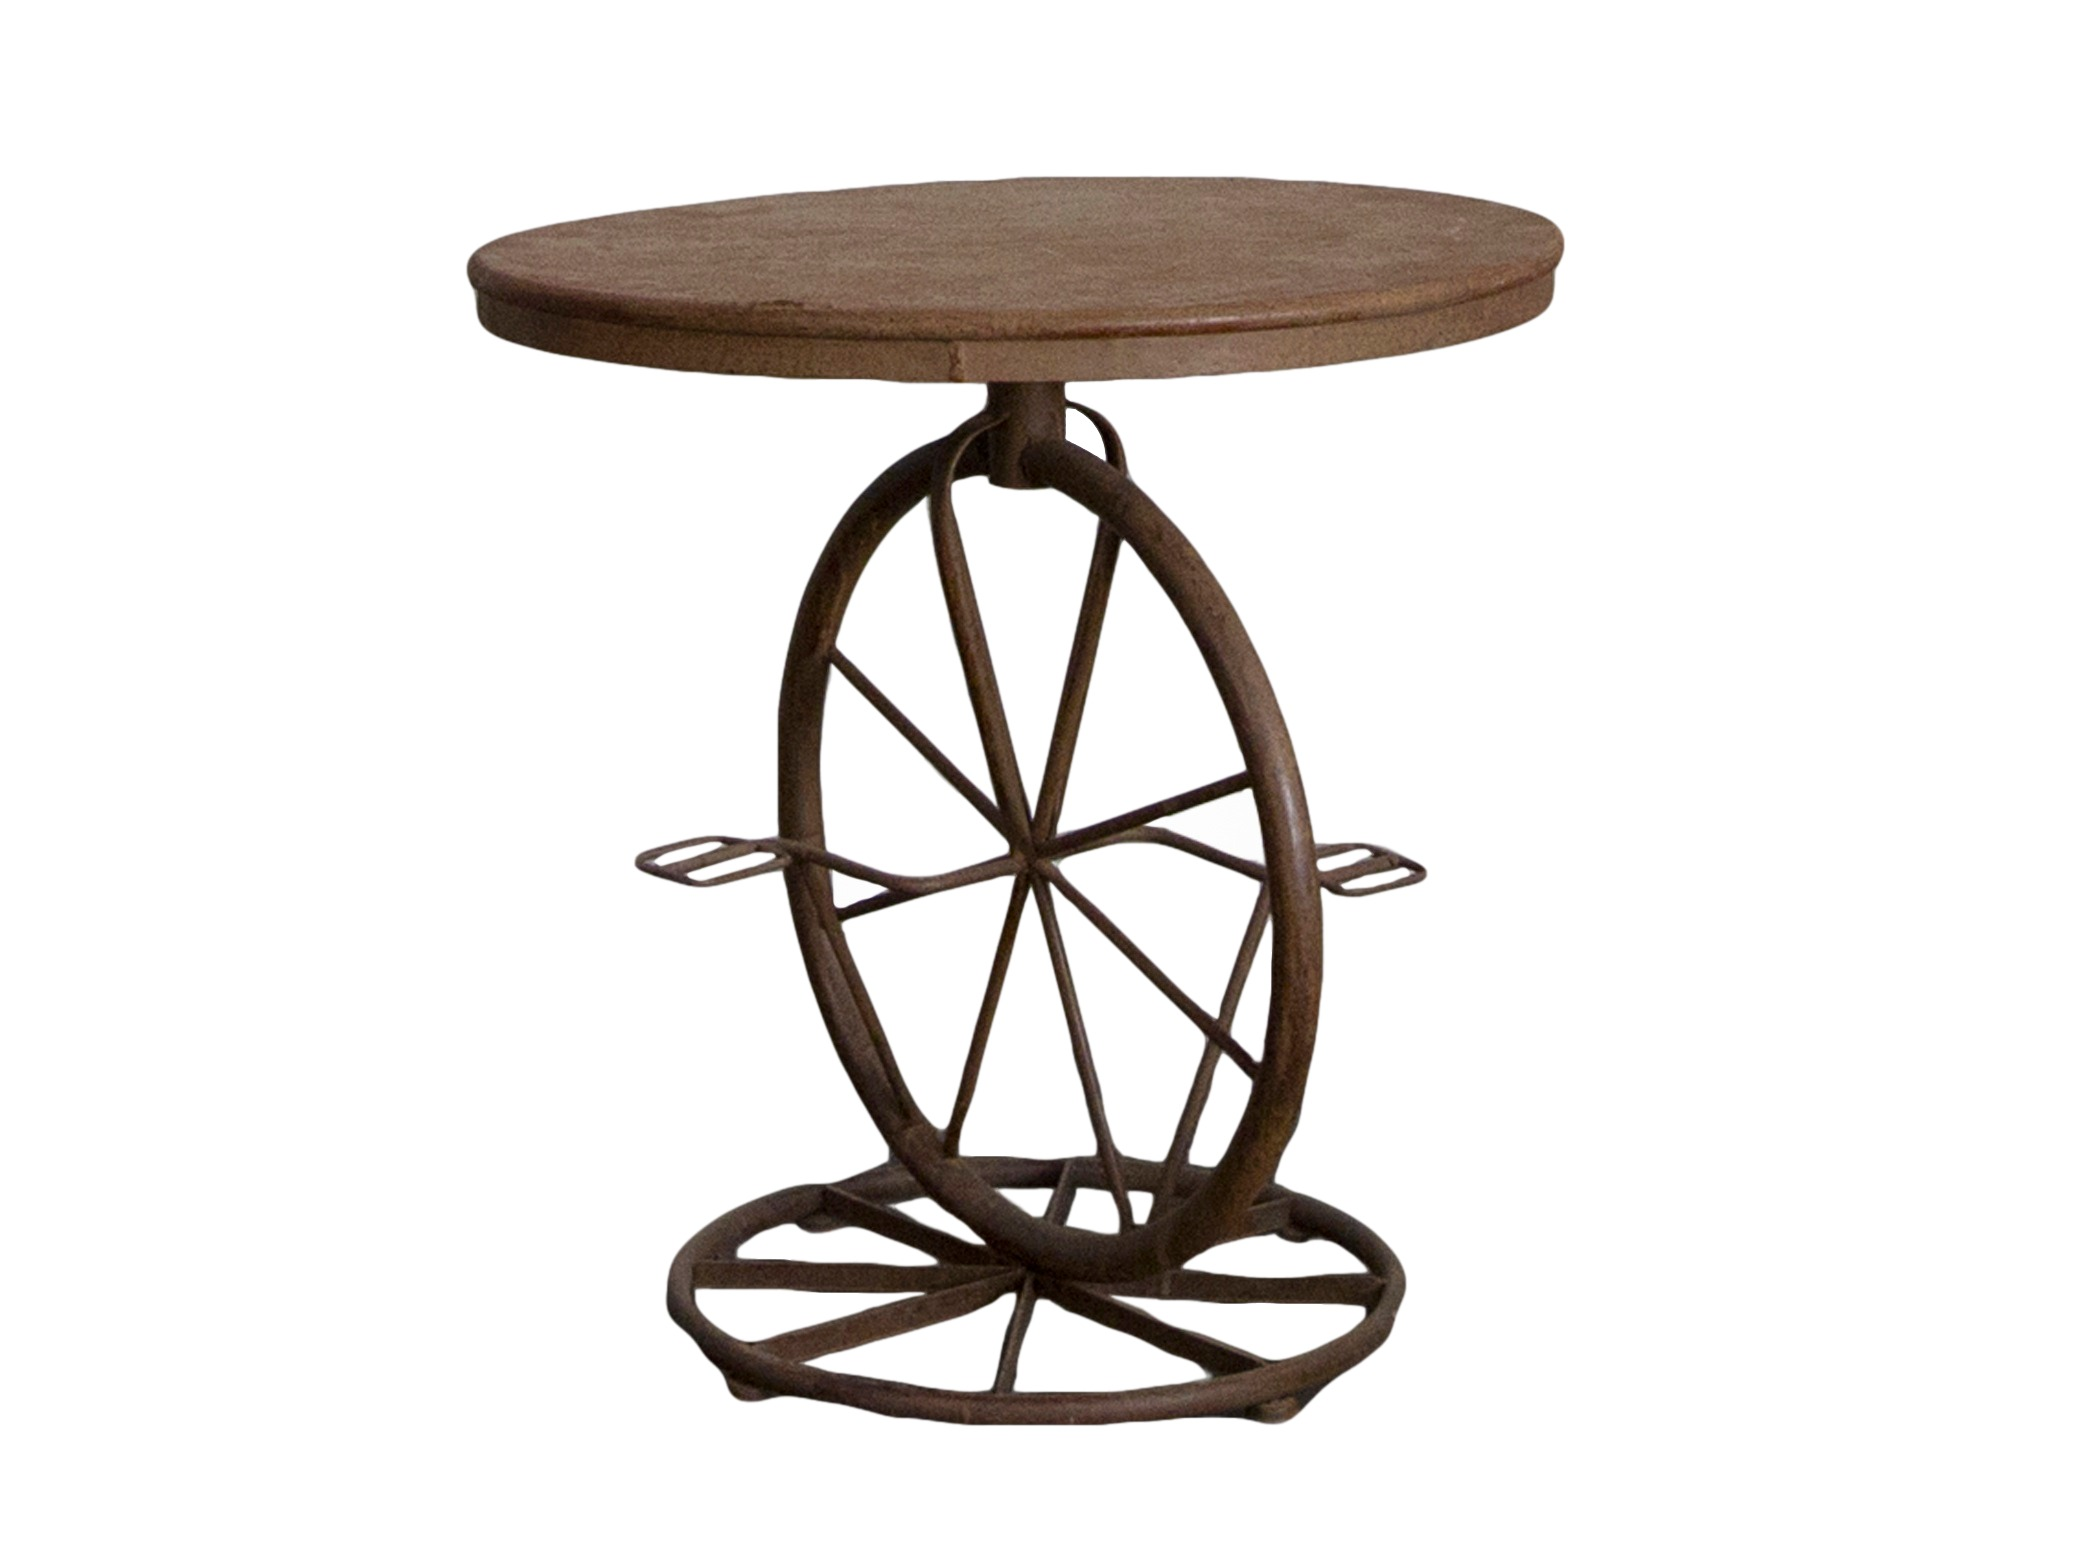 СтолСтолы и столики для сада<br>Состаренный железный столик на декоративной ножке , в виде колес.<br><br>Material: Железо<br>Height см: 71<br>Diameter см: 71